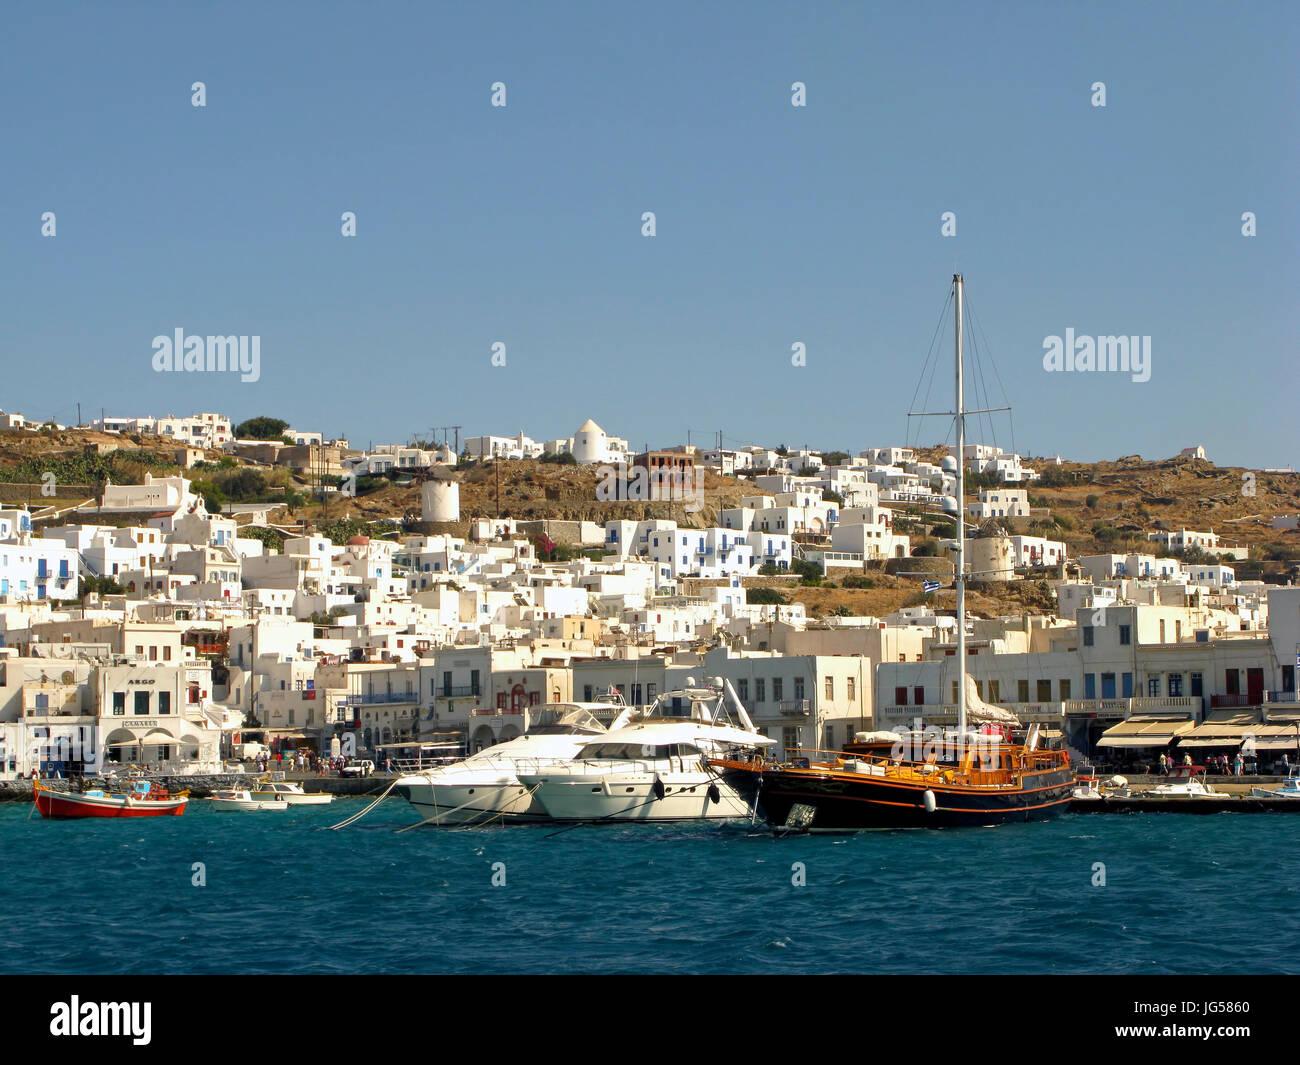 Chora Stadt Hafen Ägäische Meer griechische Kykladen Insel Mykonos Griechenland EU Europäische Union Europa Stockfoto